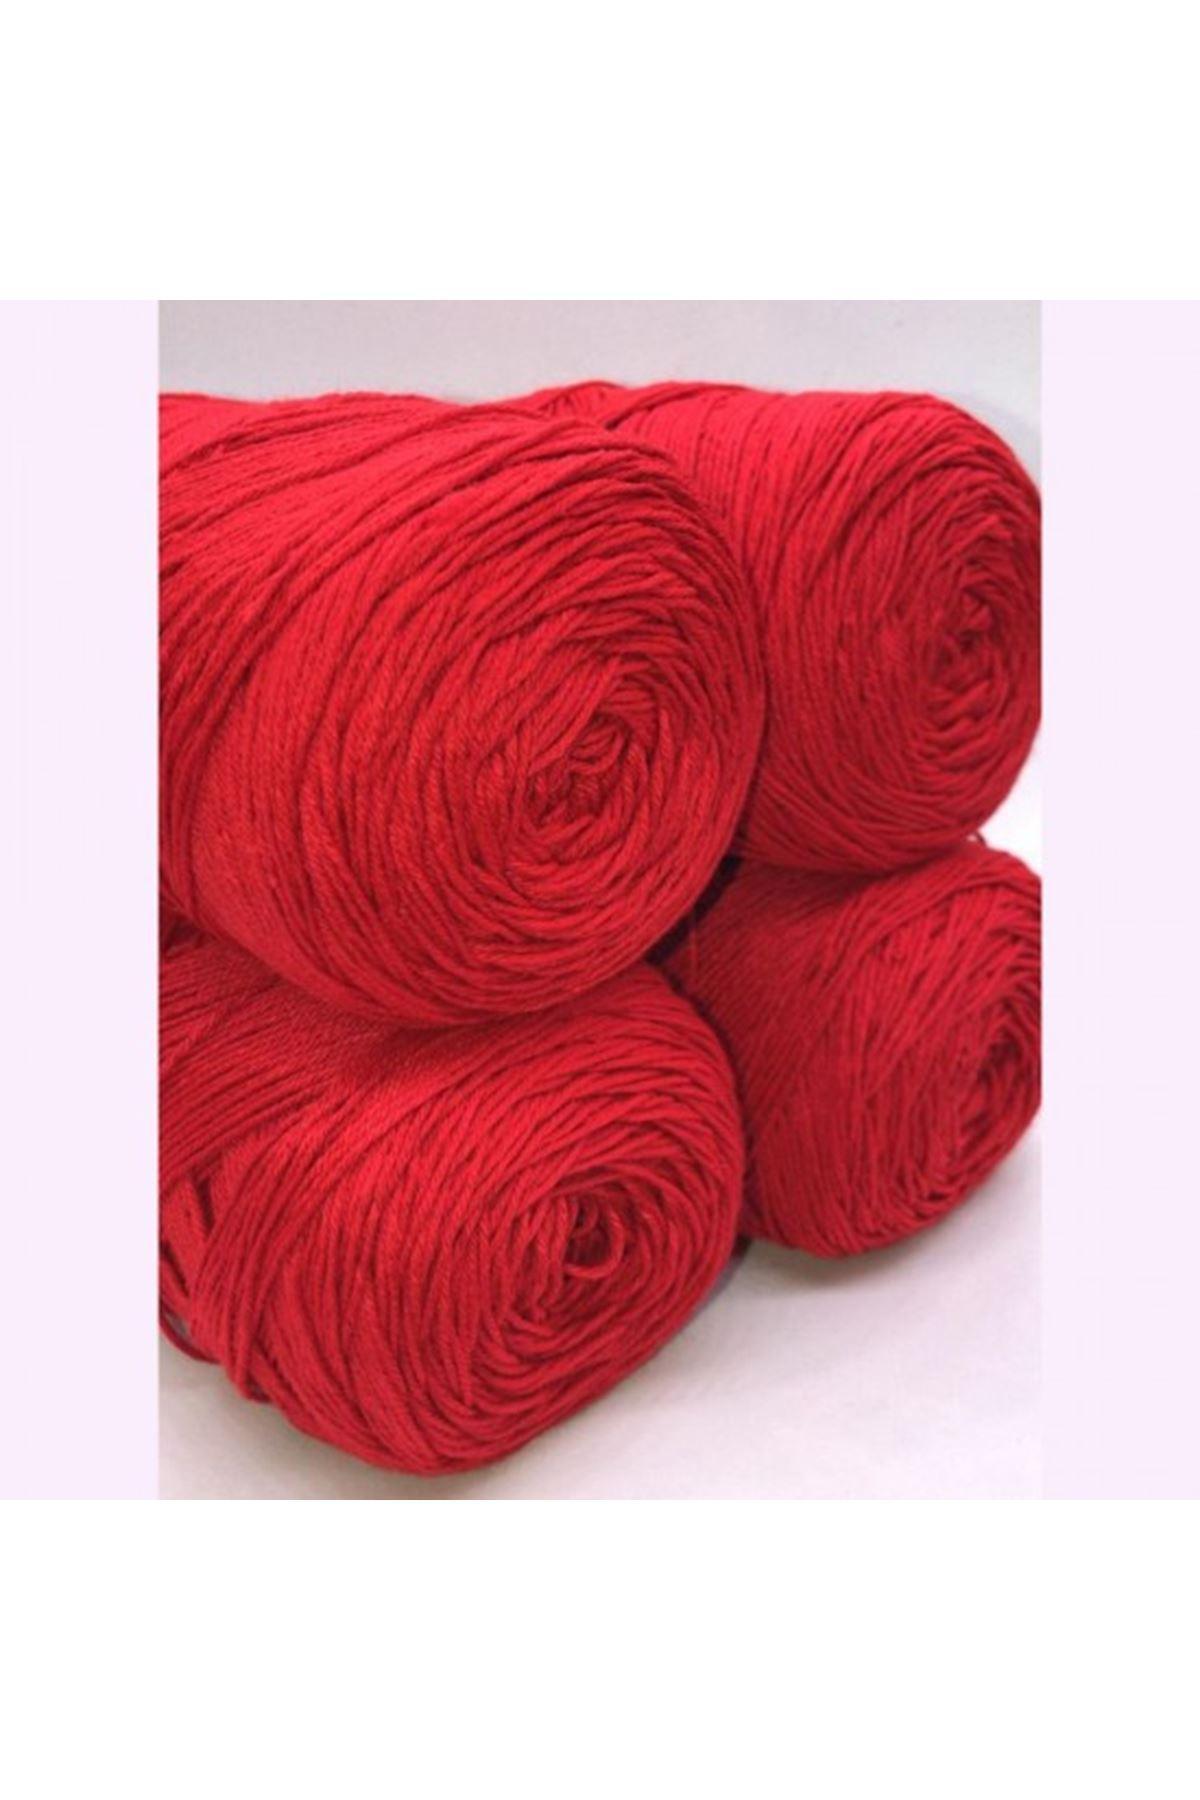 Akrilik Merserize Renk No: 004 Kırmızı